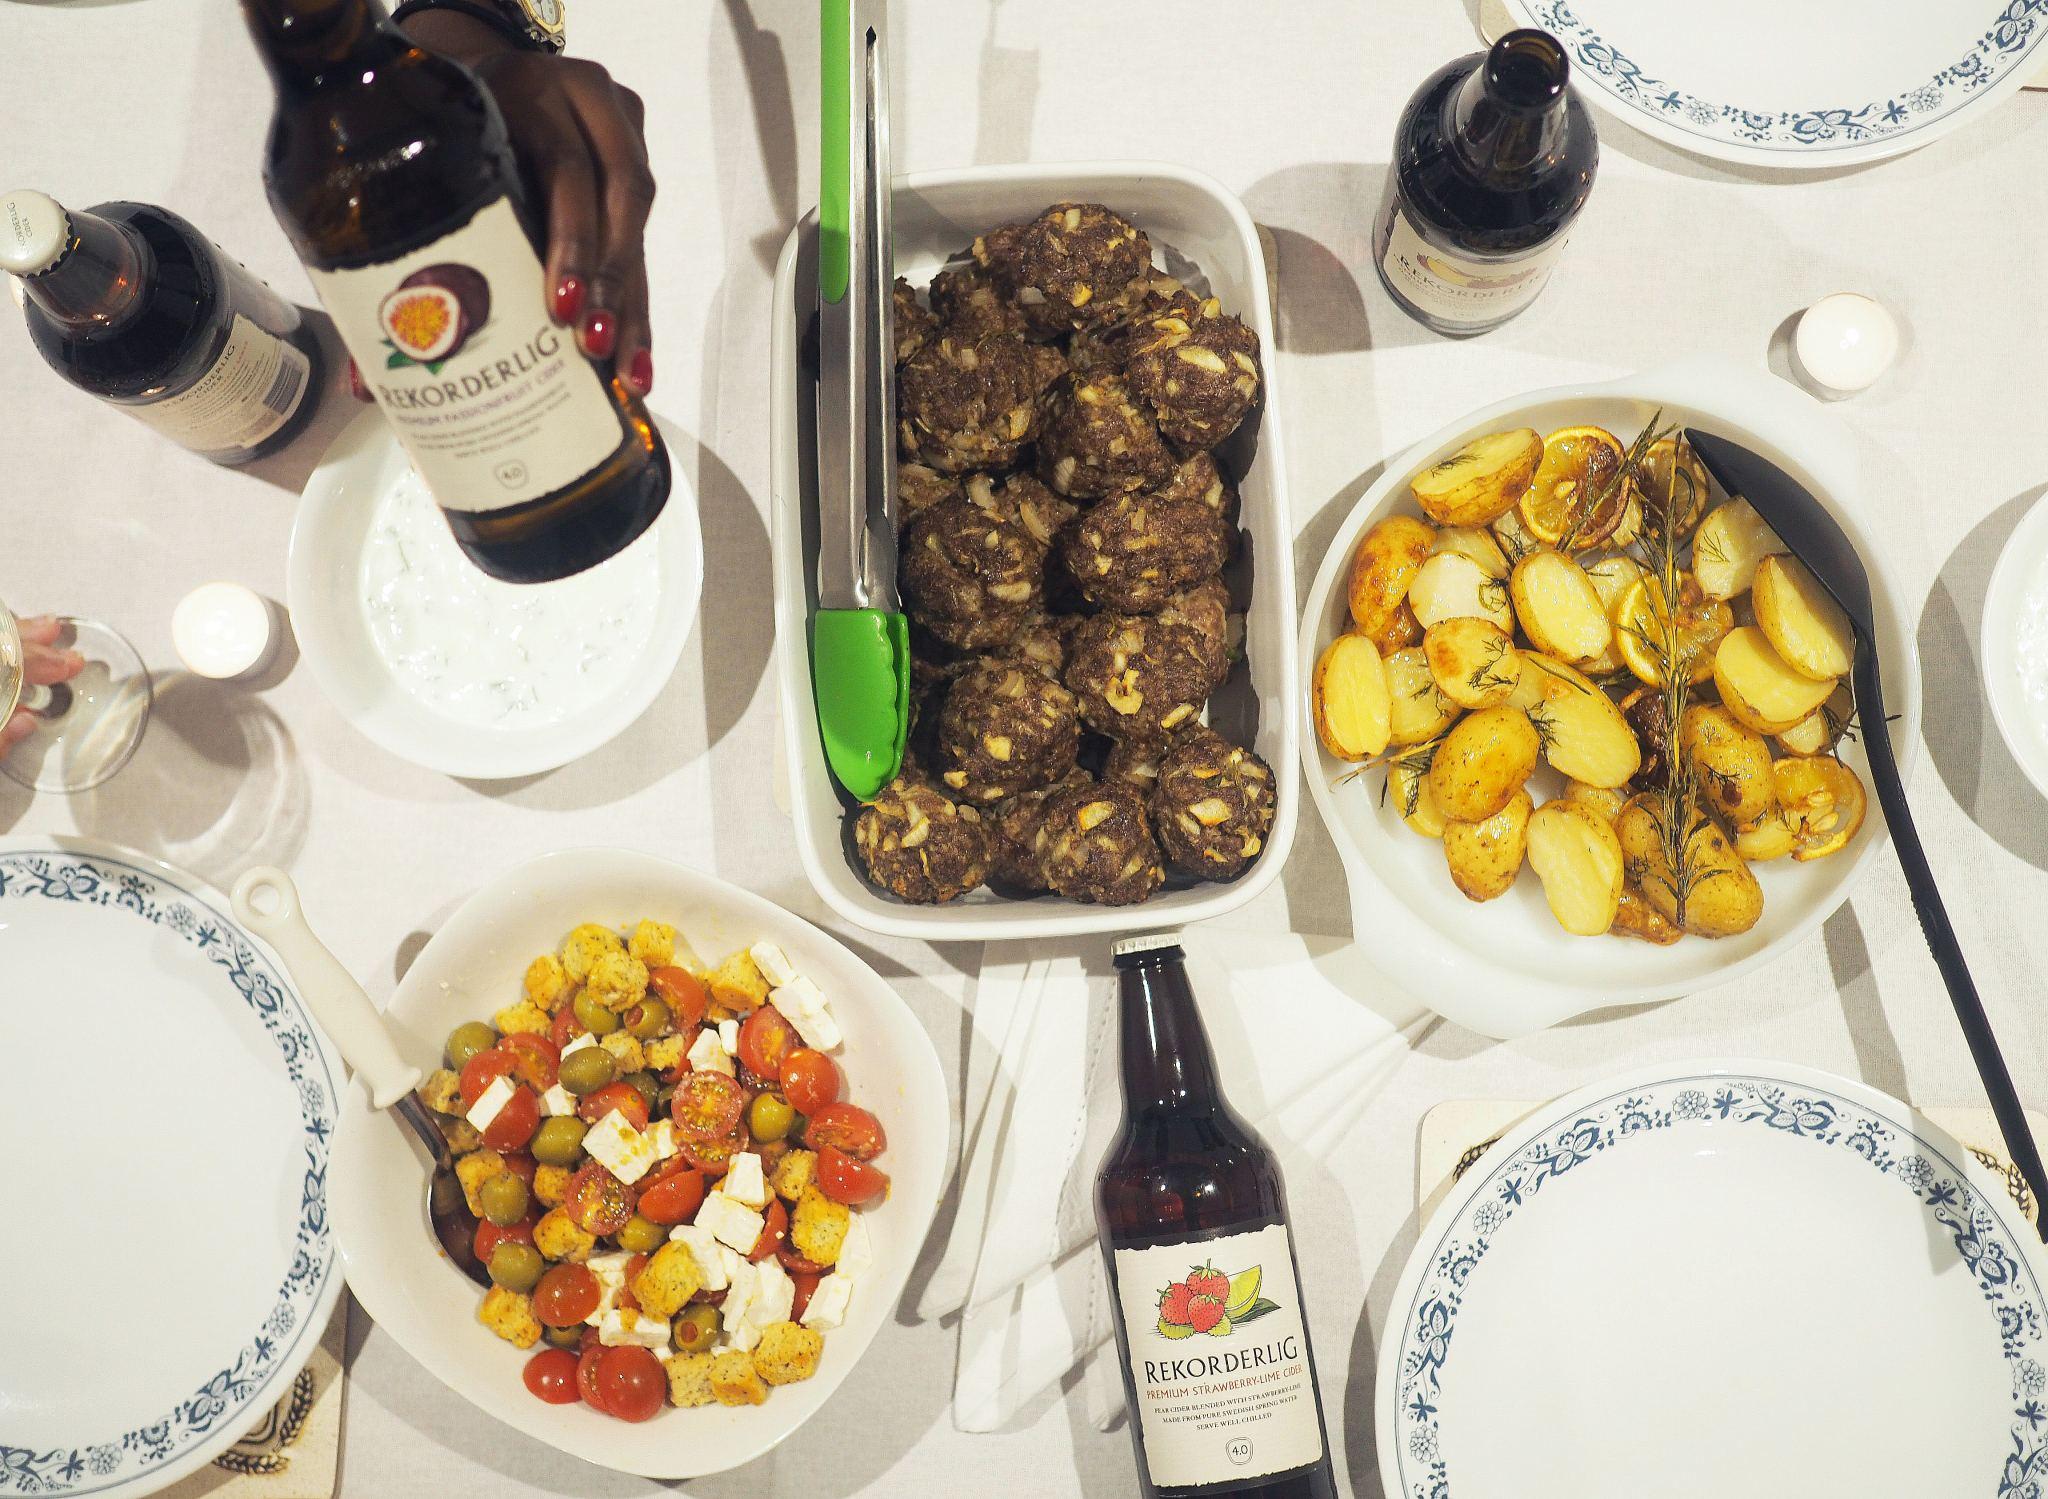 Rekorderlig Dinner Party